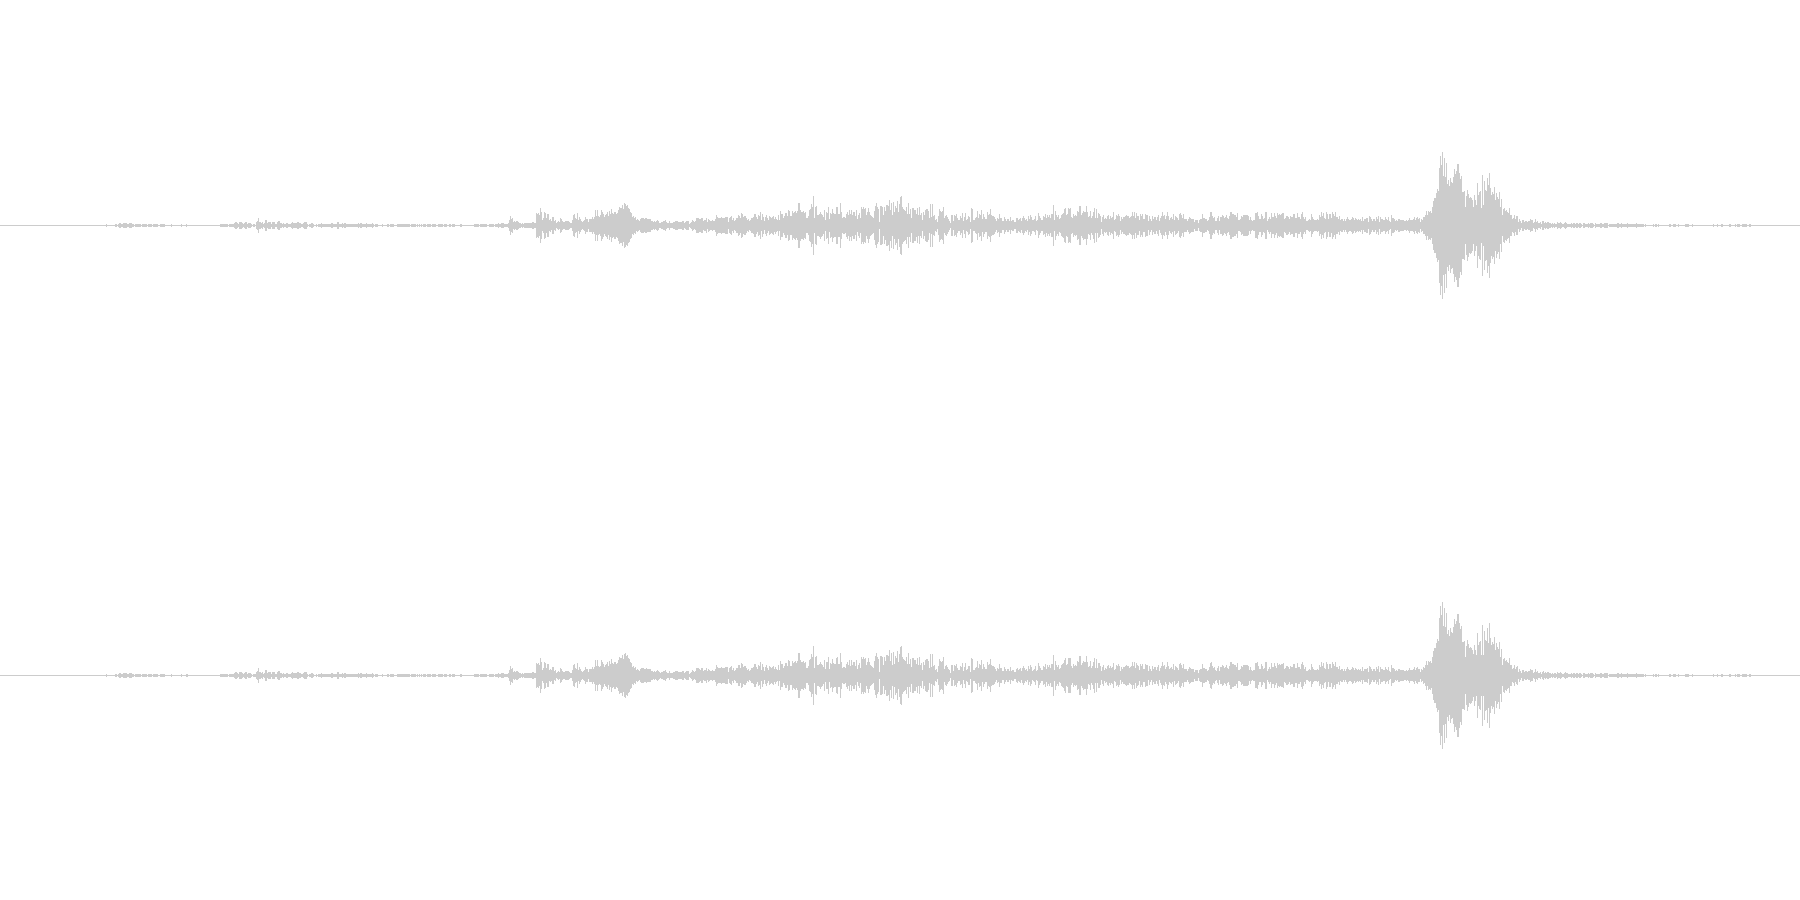 【生音】(ササーサ)というタンス開ける音の未再生の波形